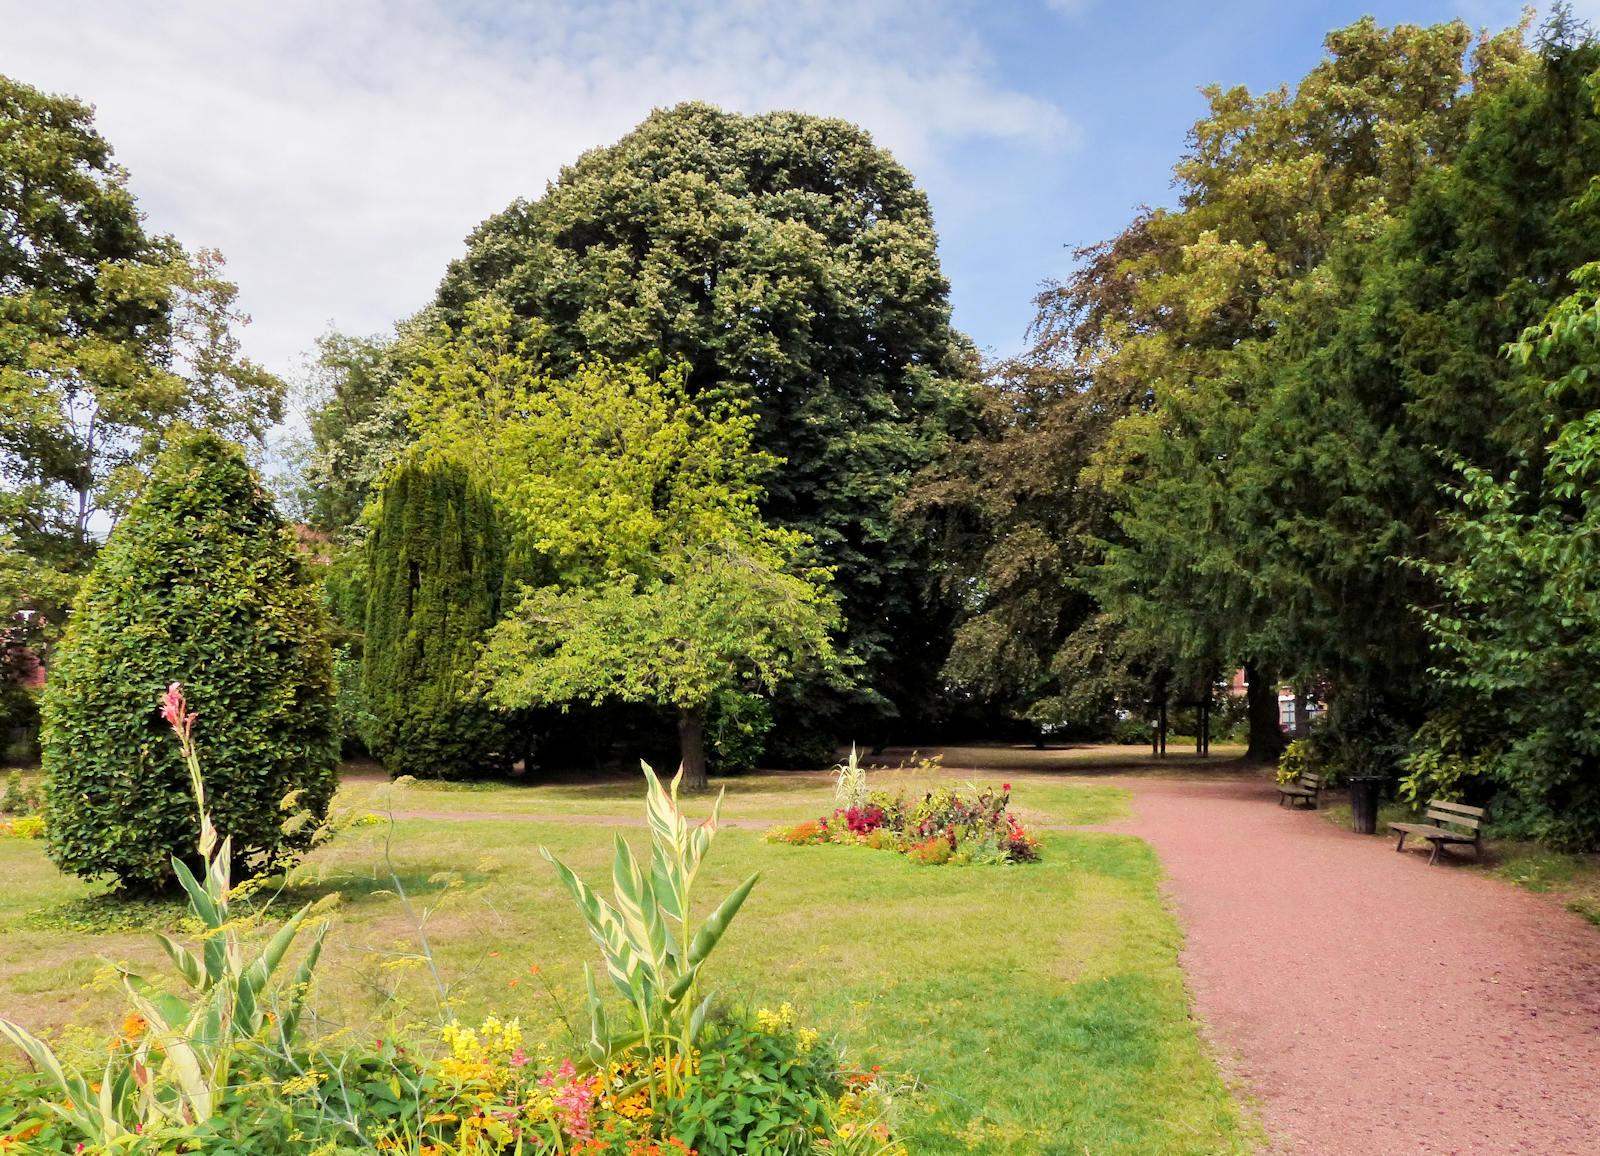 Jardin botanique, Tourcoing - Parc à l'anglaise